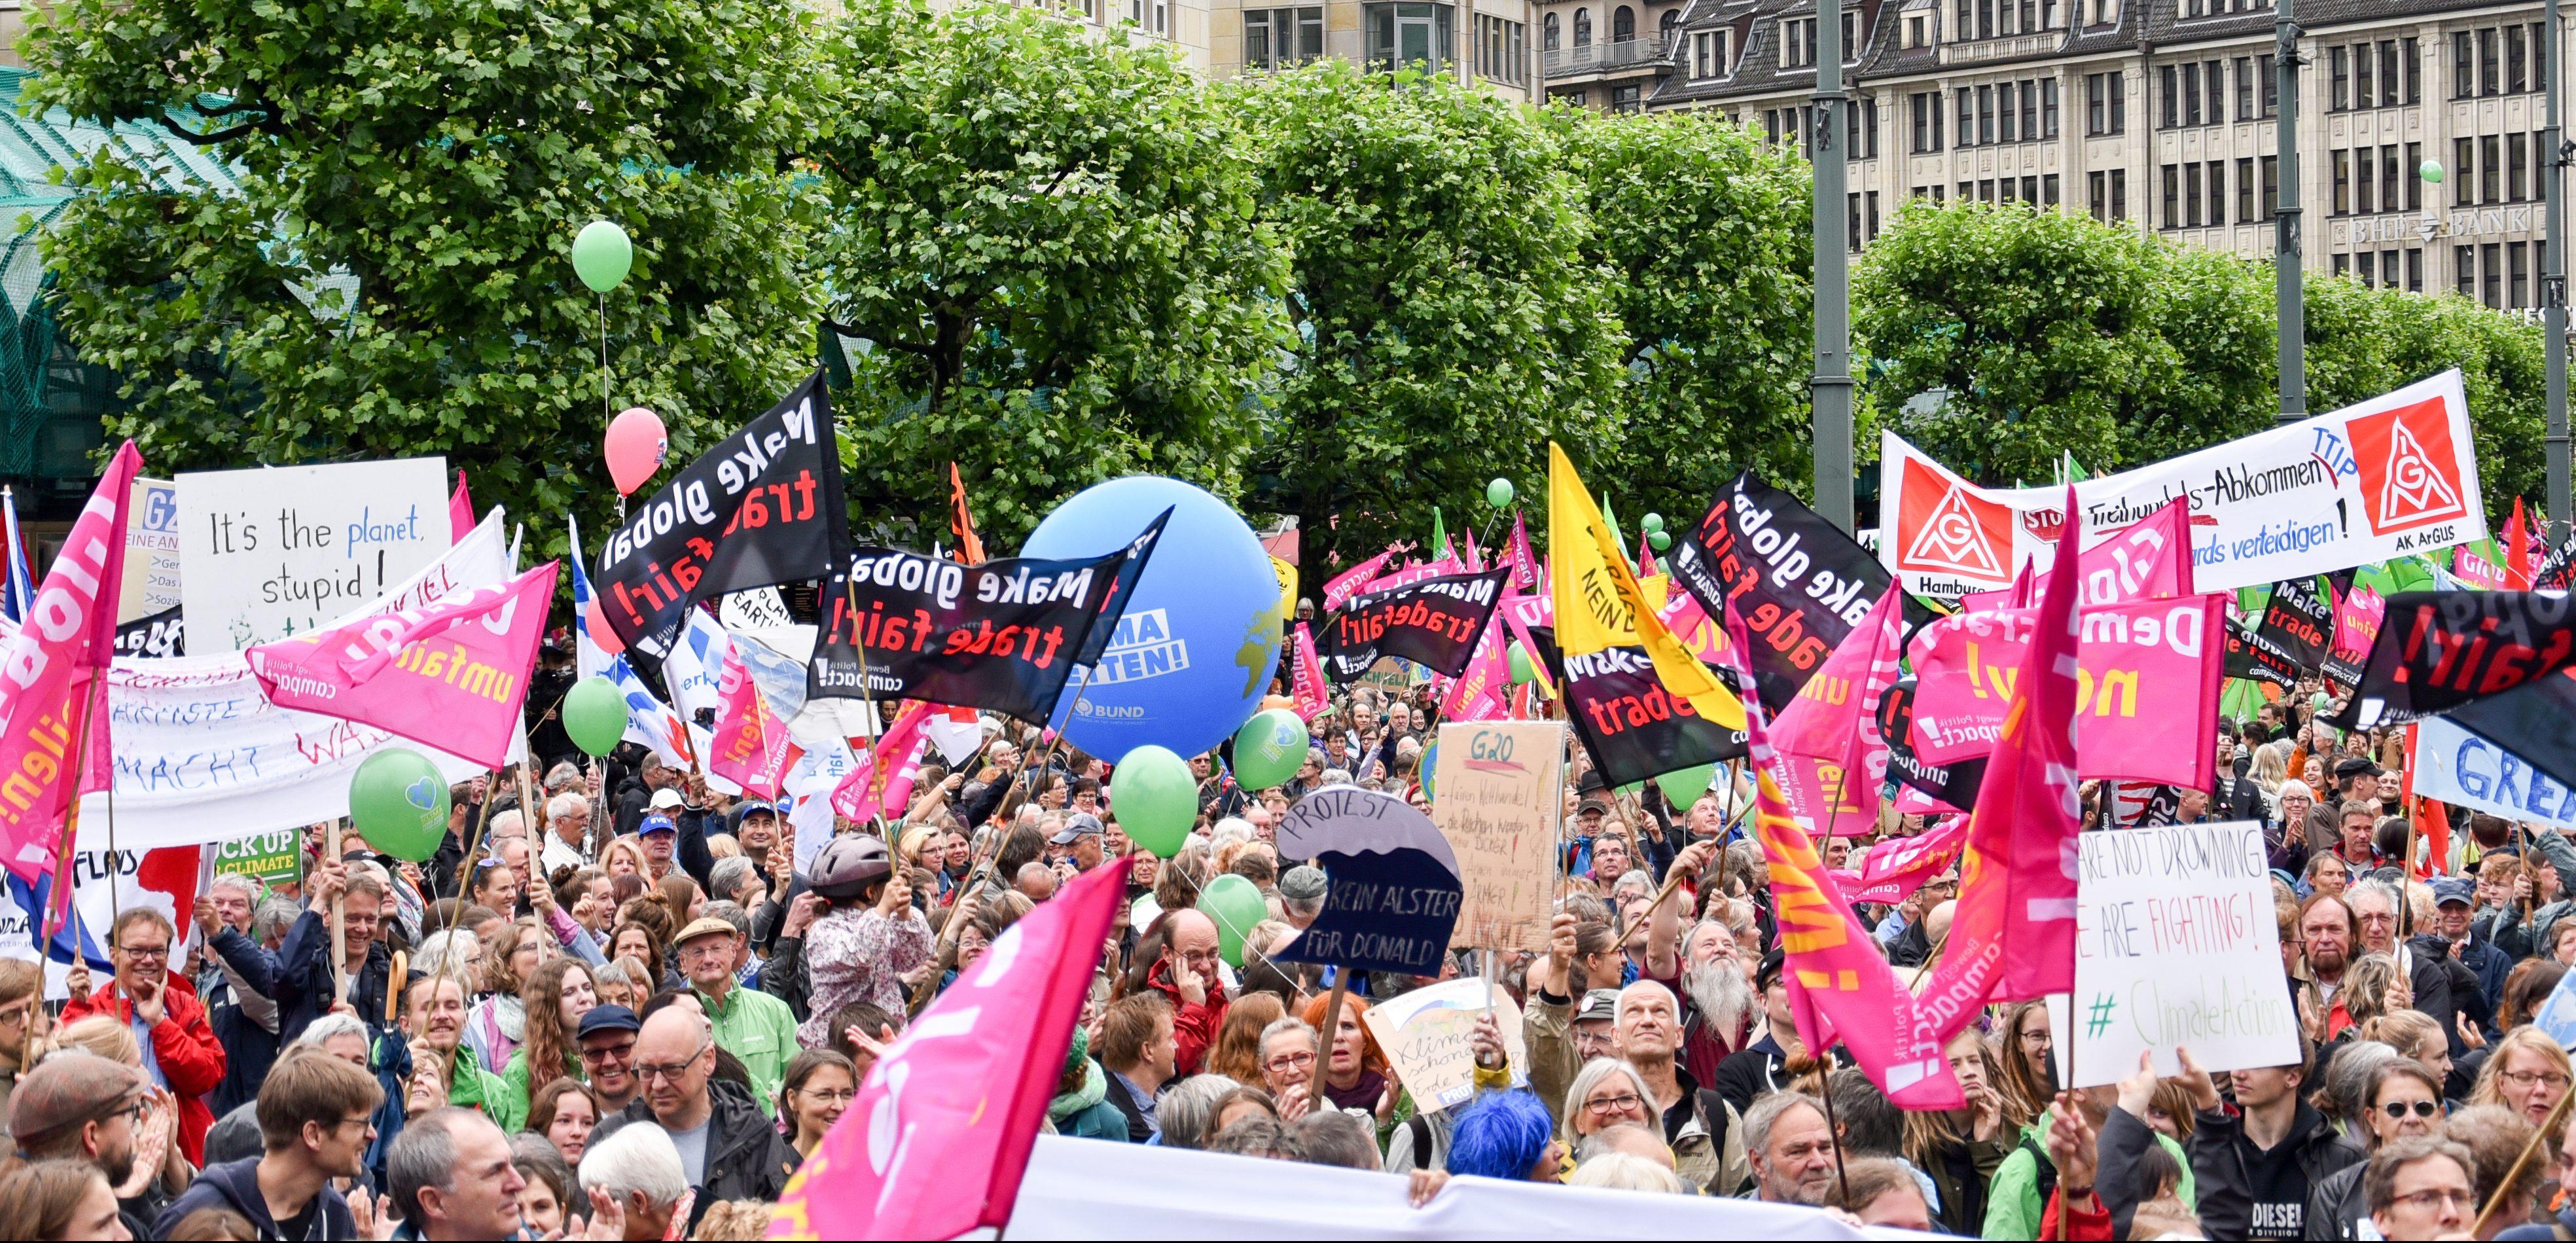 German franch schwichtenberg hambourg protestation contre le climat